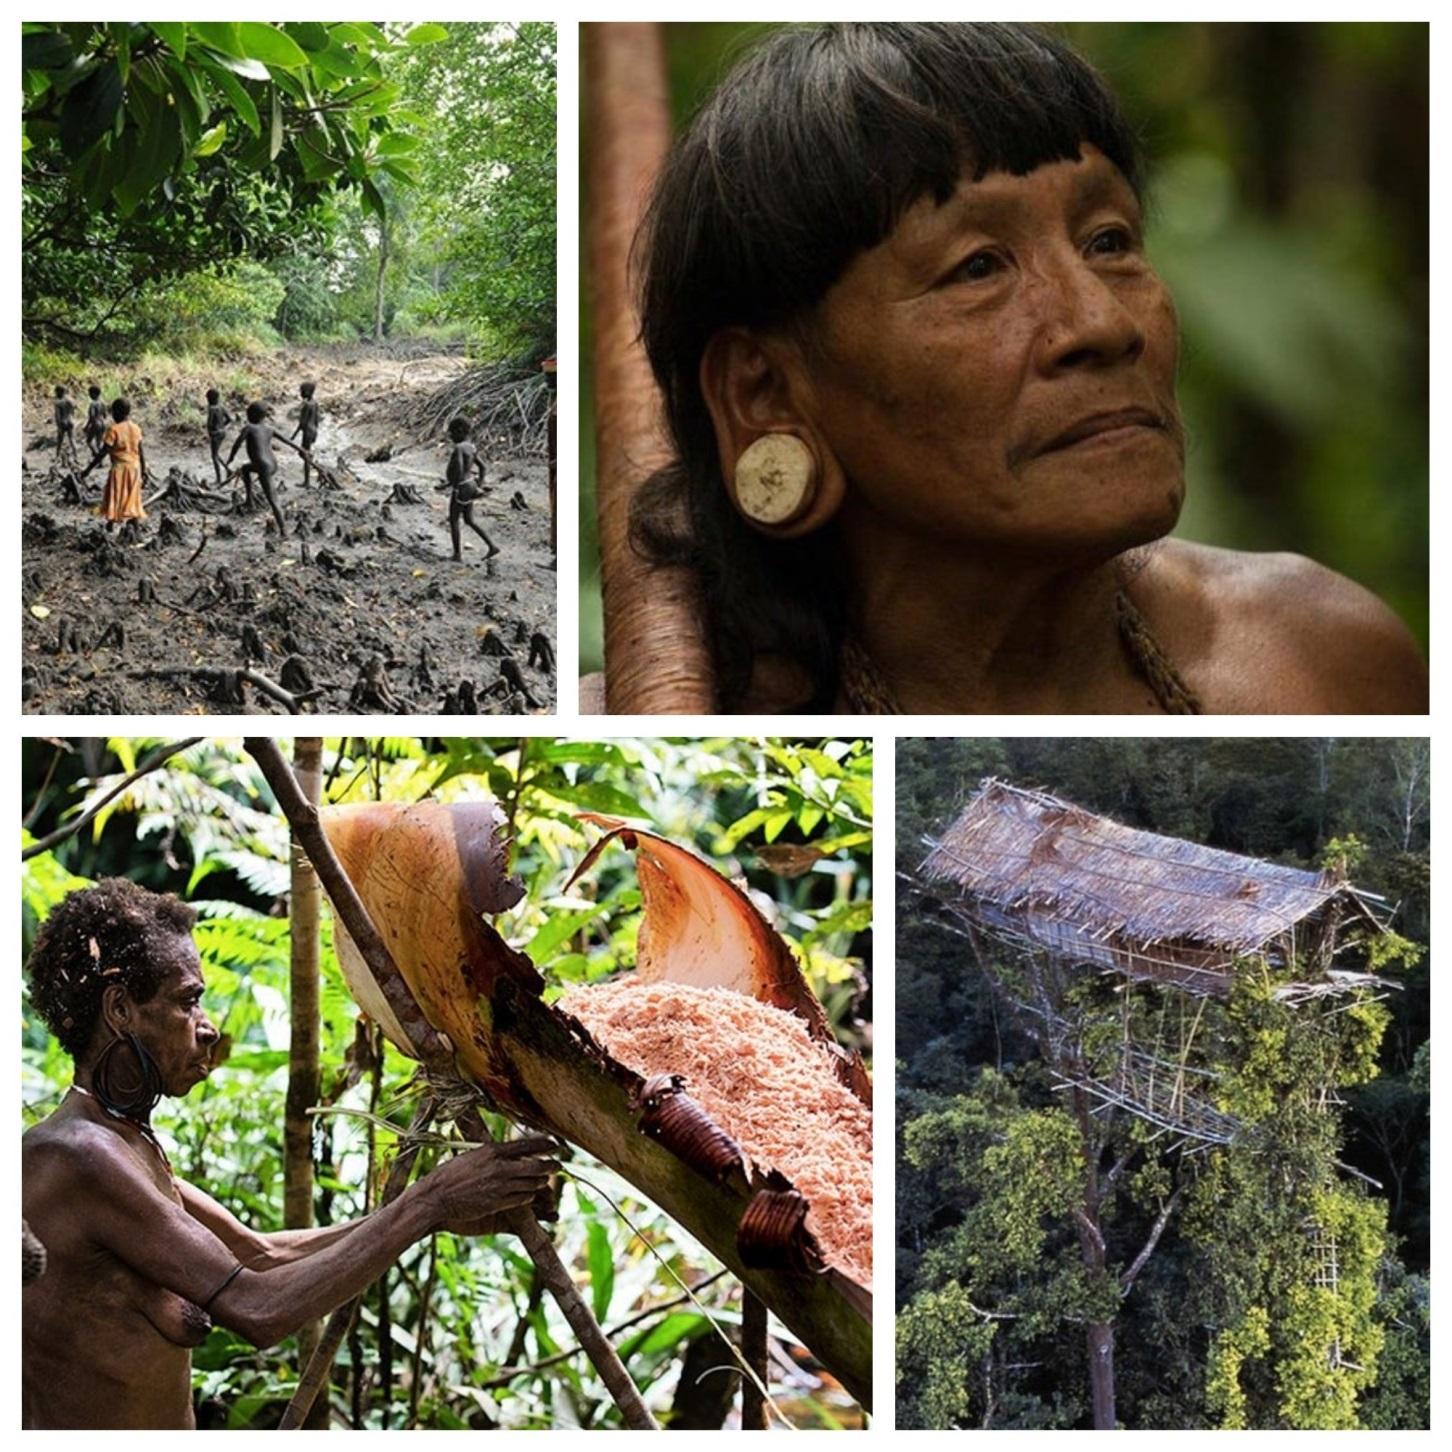 «Здесь время остановилось» или, что нам могут рассказать люди, которые не пользуются всеми благами человечества, а, к примеру, живут на деревьях?